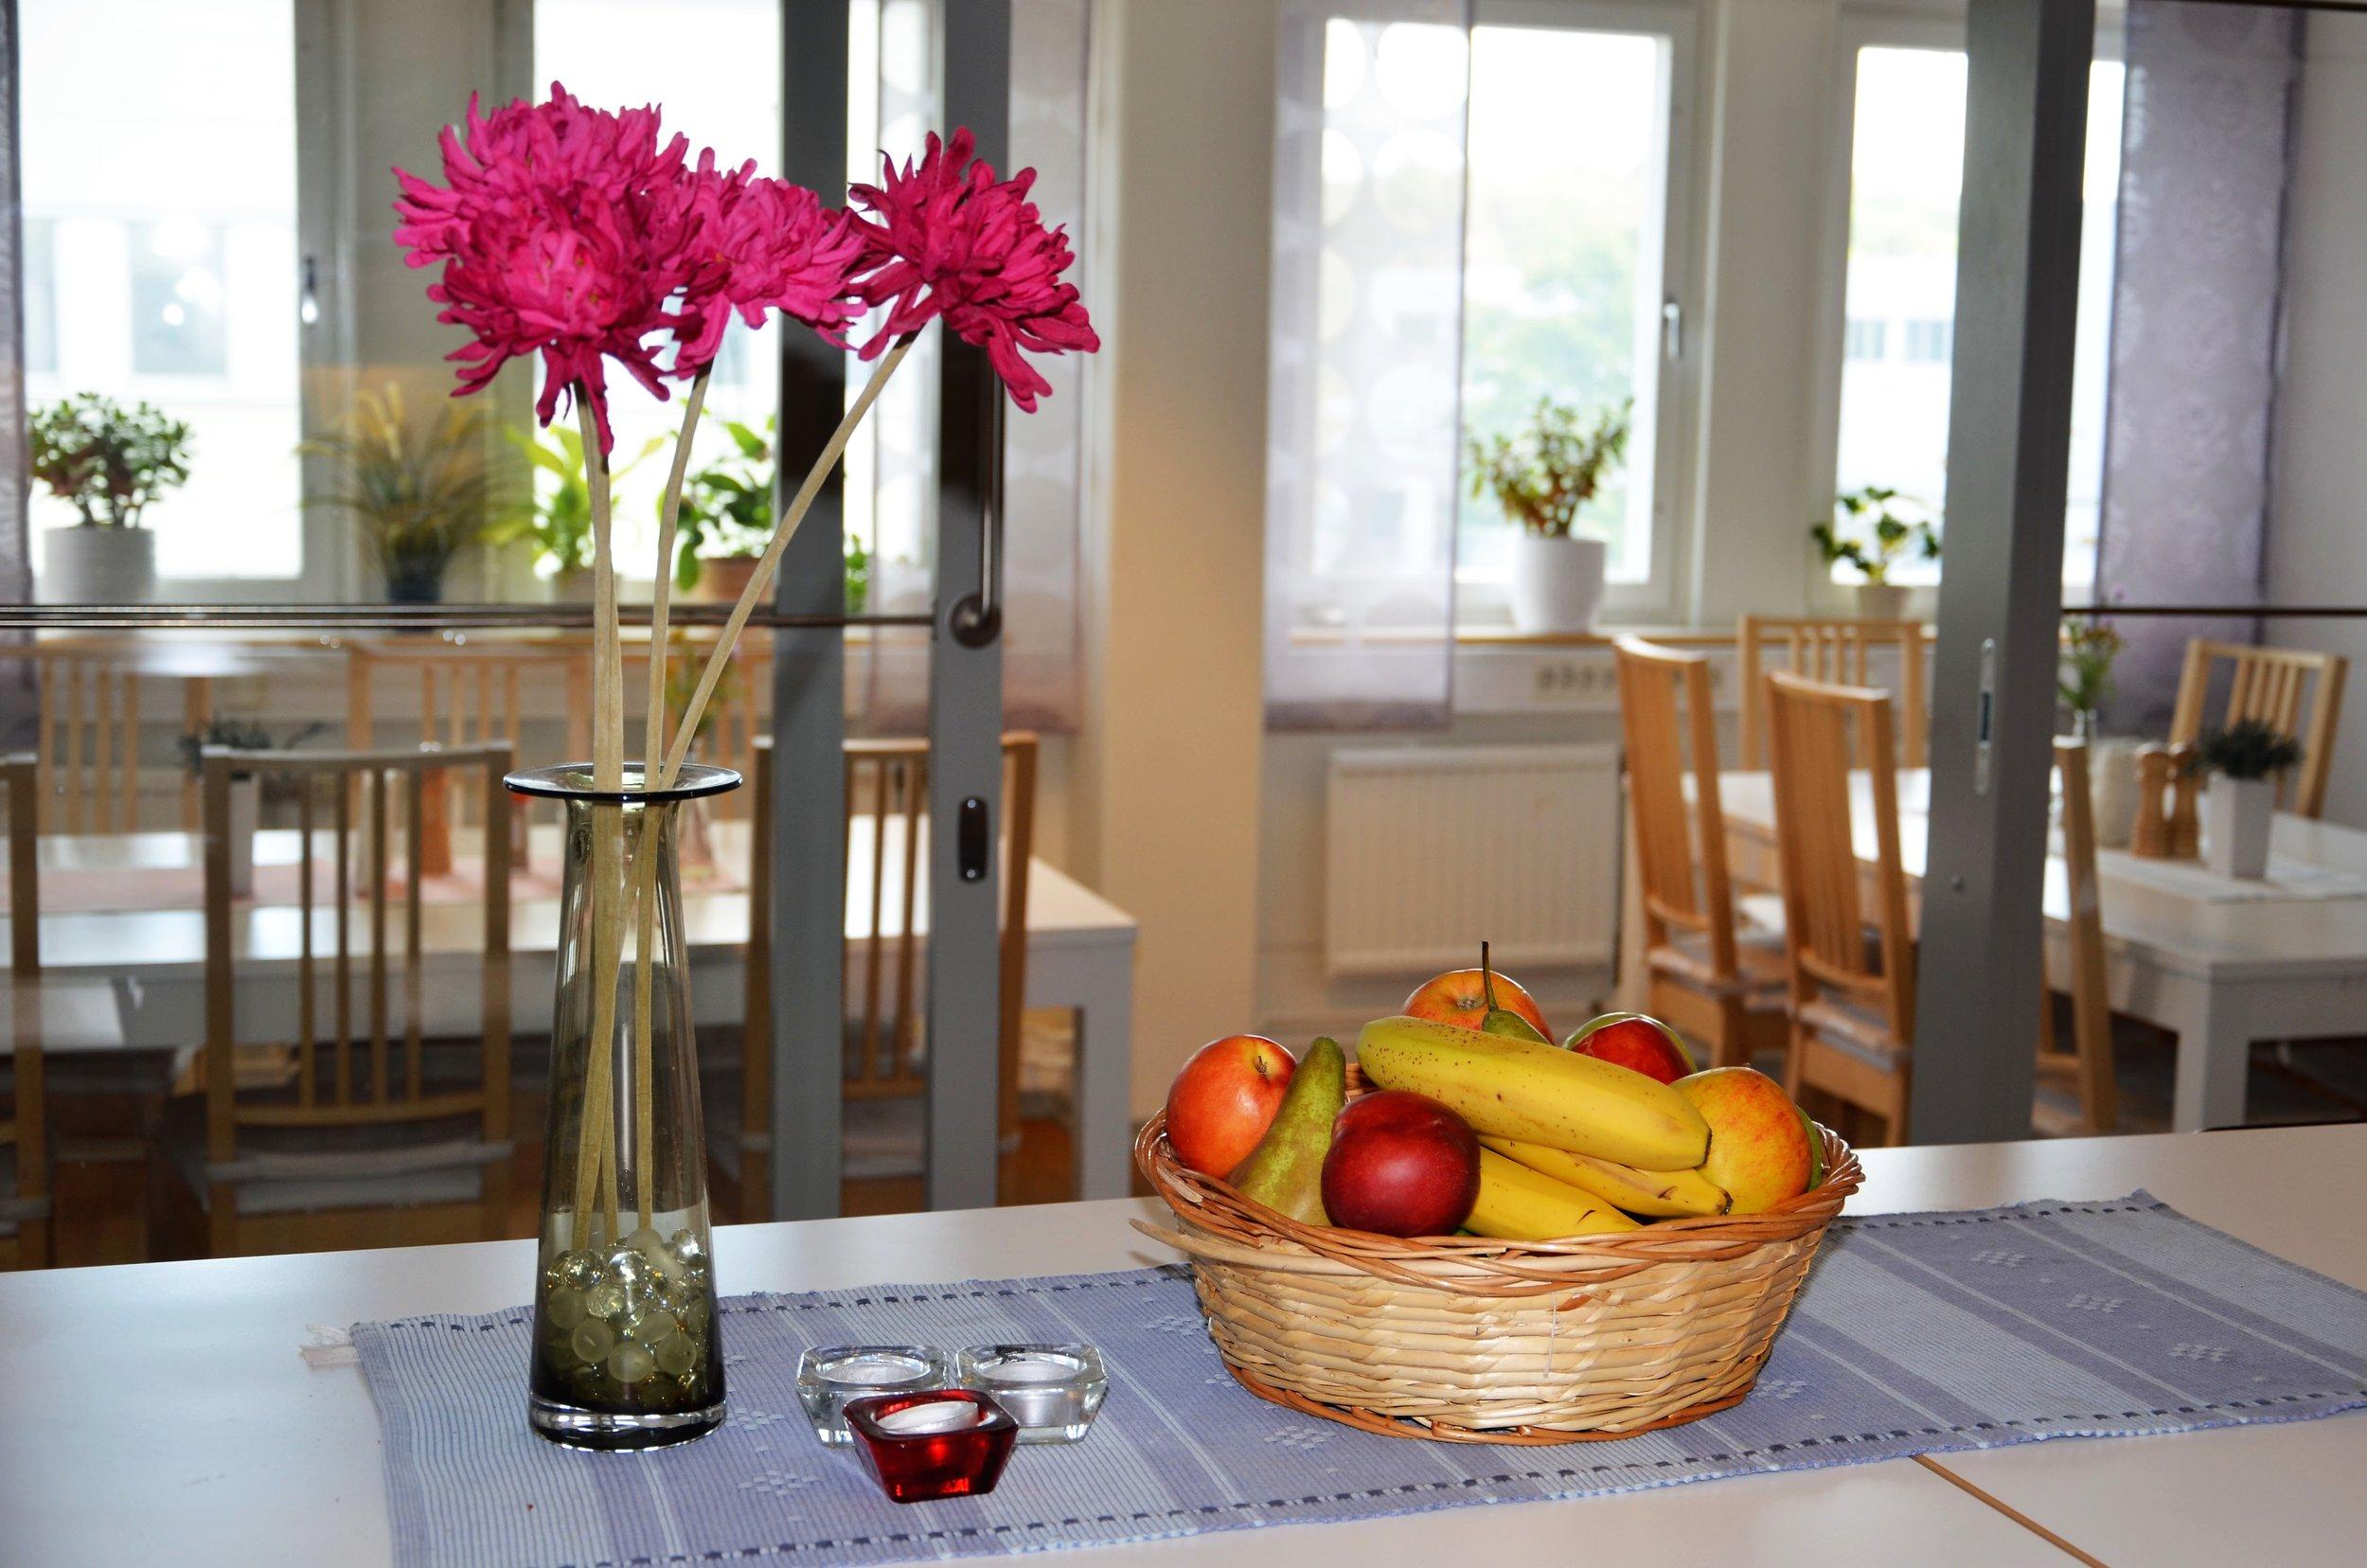 Vi har ett utrustat kök och lounge i moderna lokaler